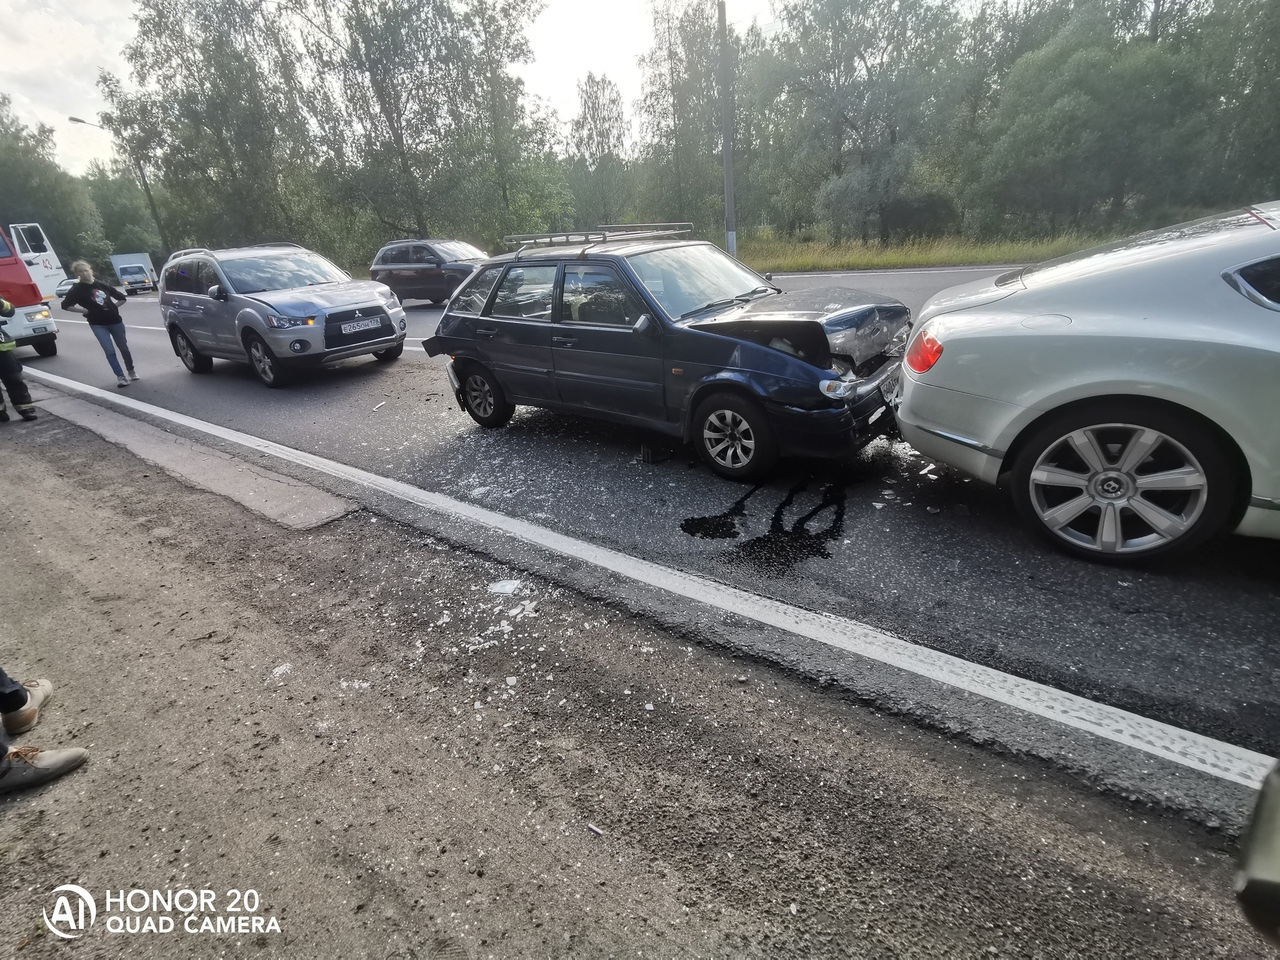 Аутлендер въехал в четырку, а четырка догнала Бентли на Приморском шоссе, перед Белоостровом около ...